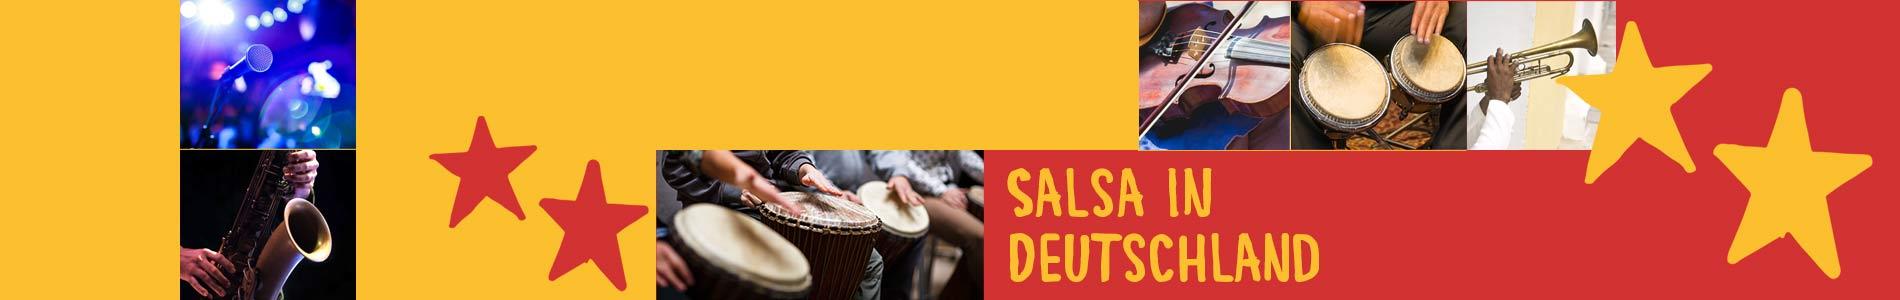 Salsa in Brokstedt – Salsa lernen und tanzen, Tanzkurse, Partys, Veranstaltungen